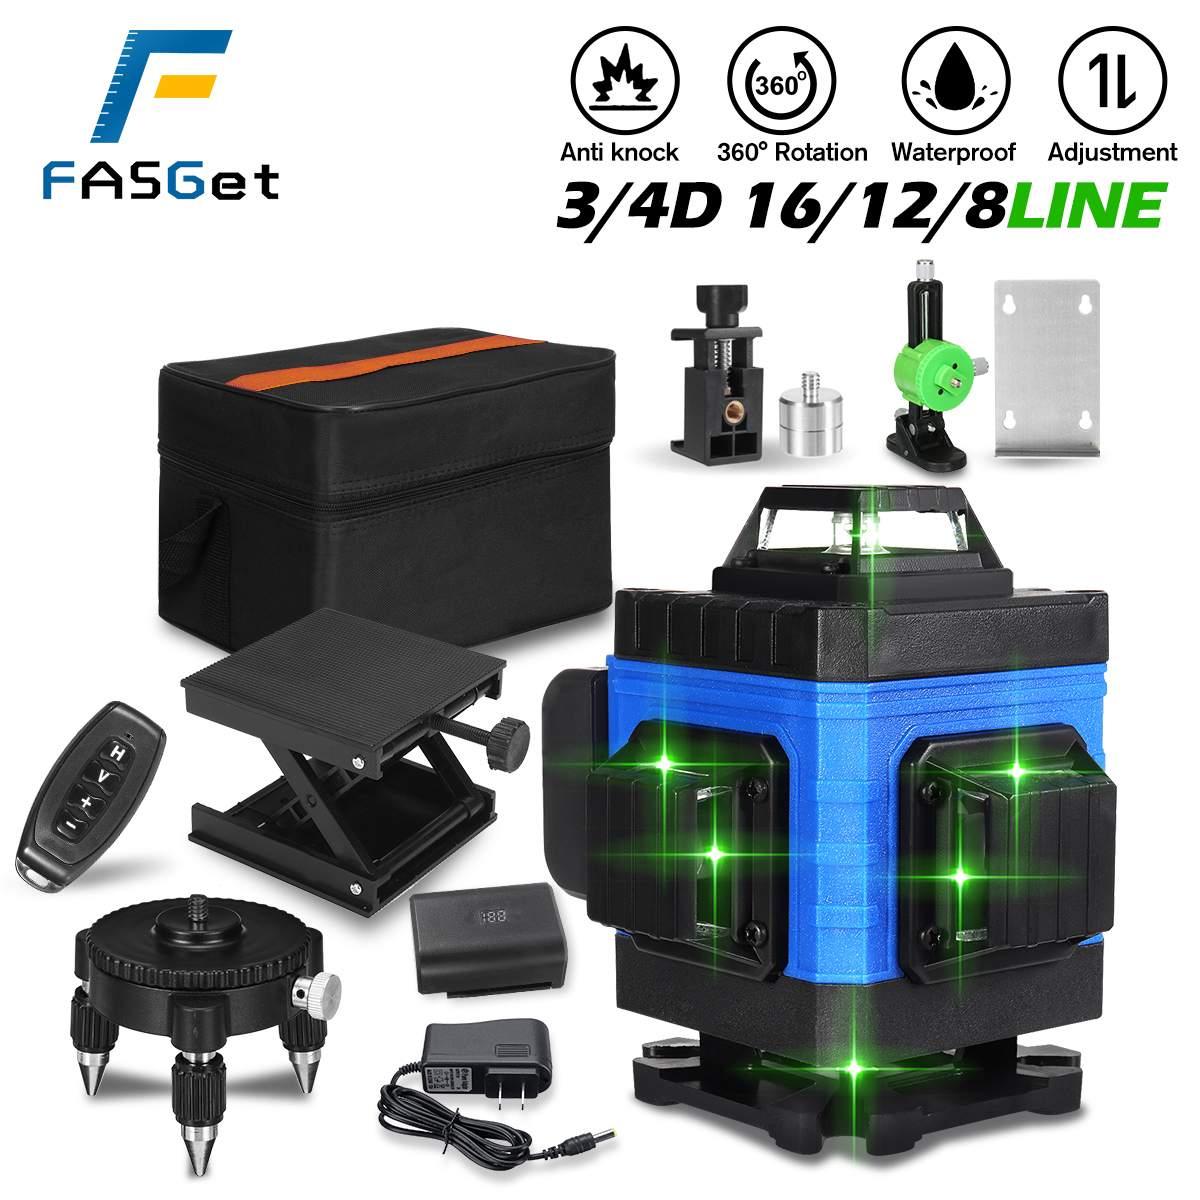 FASGet 8/12/16 خطوط الضوء الأخضر ثلاثية الأبعاد 4D السيارات الذاتي التسوية مستويات الليزر 360 تعديل أفقي سوبر قوية أداة الليزر الأخضر